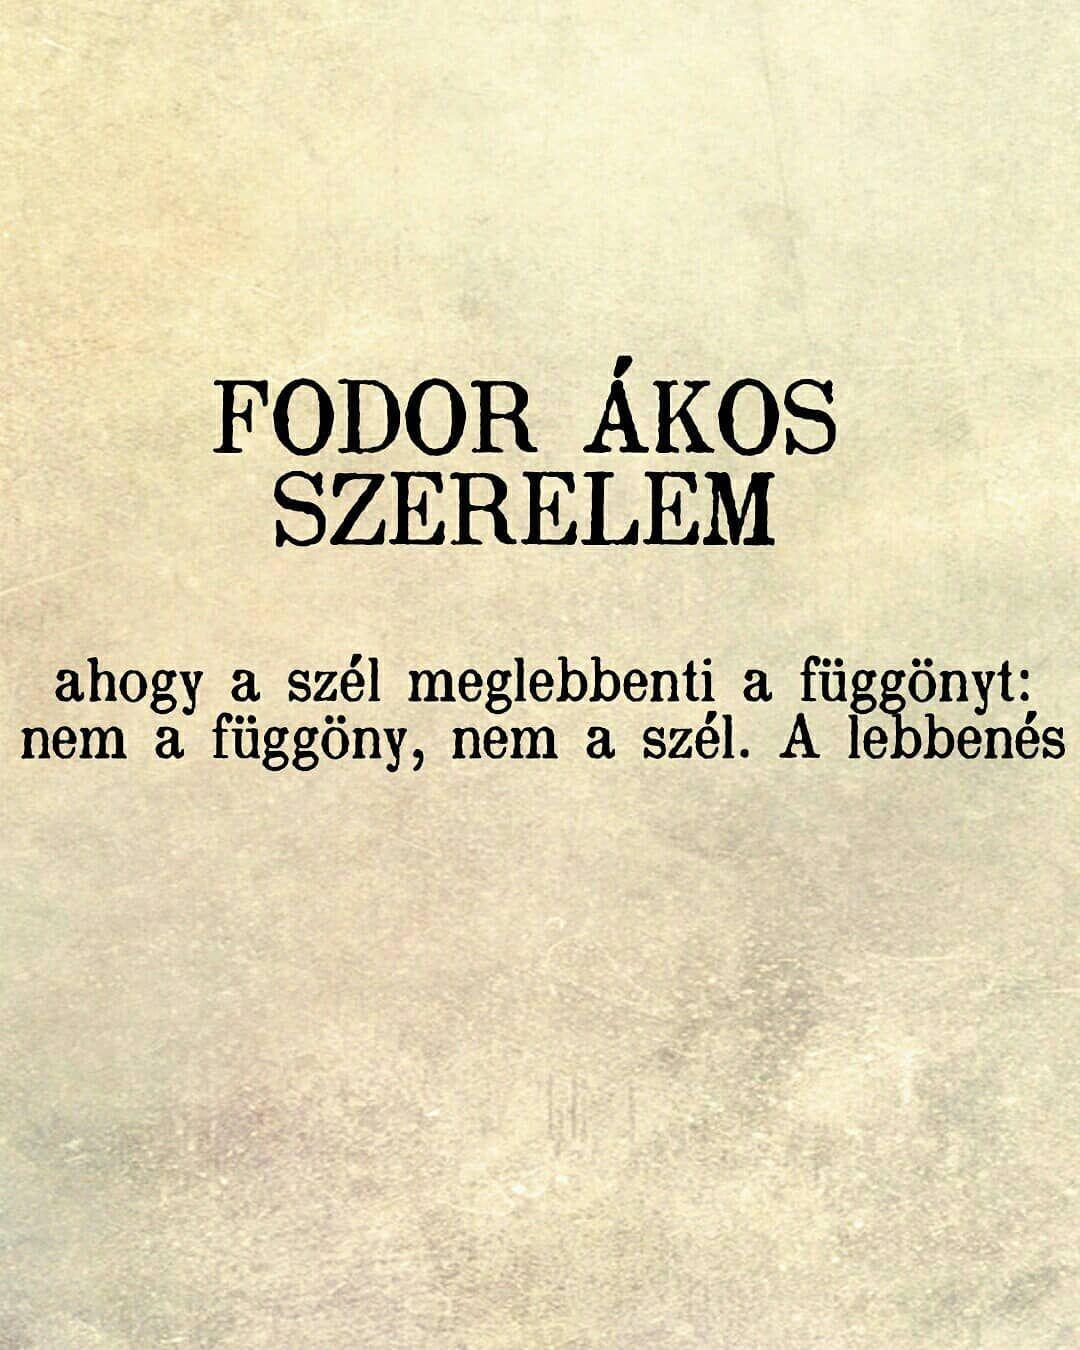 ákos szerelmes idézetek Közzétéve itt: Fodor Ákos